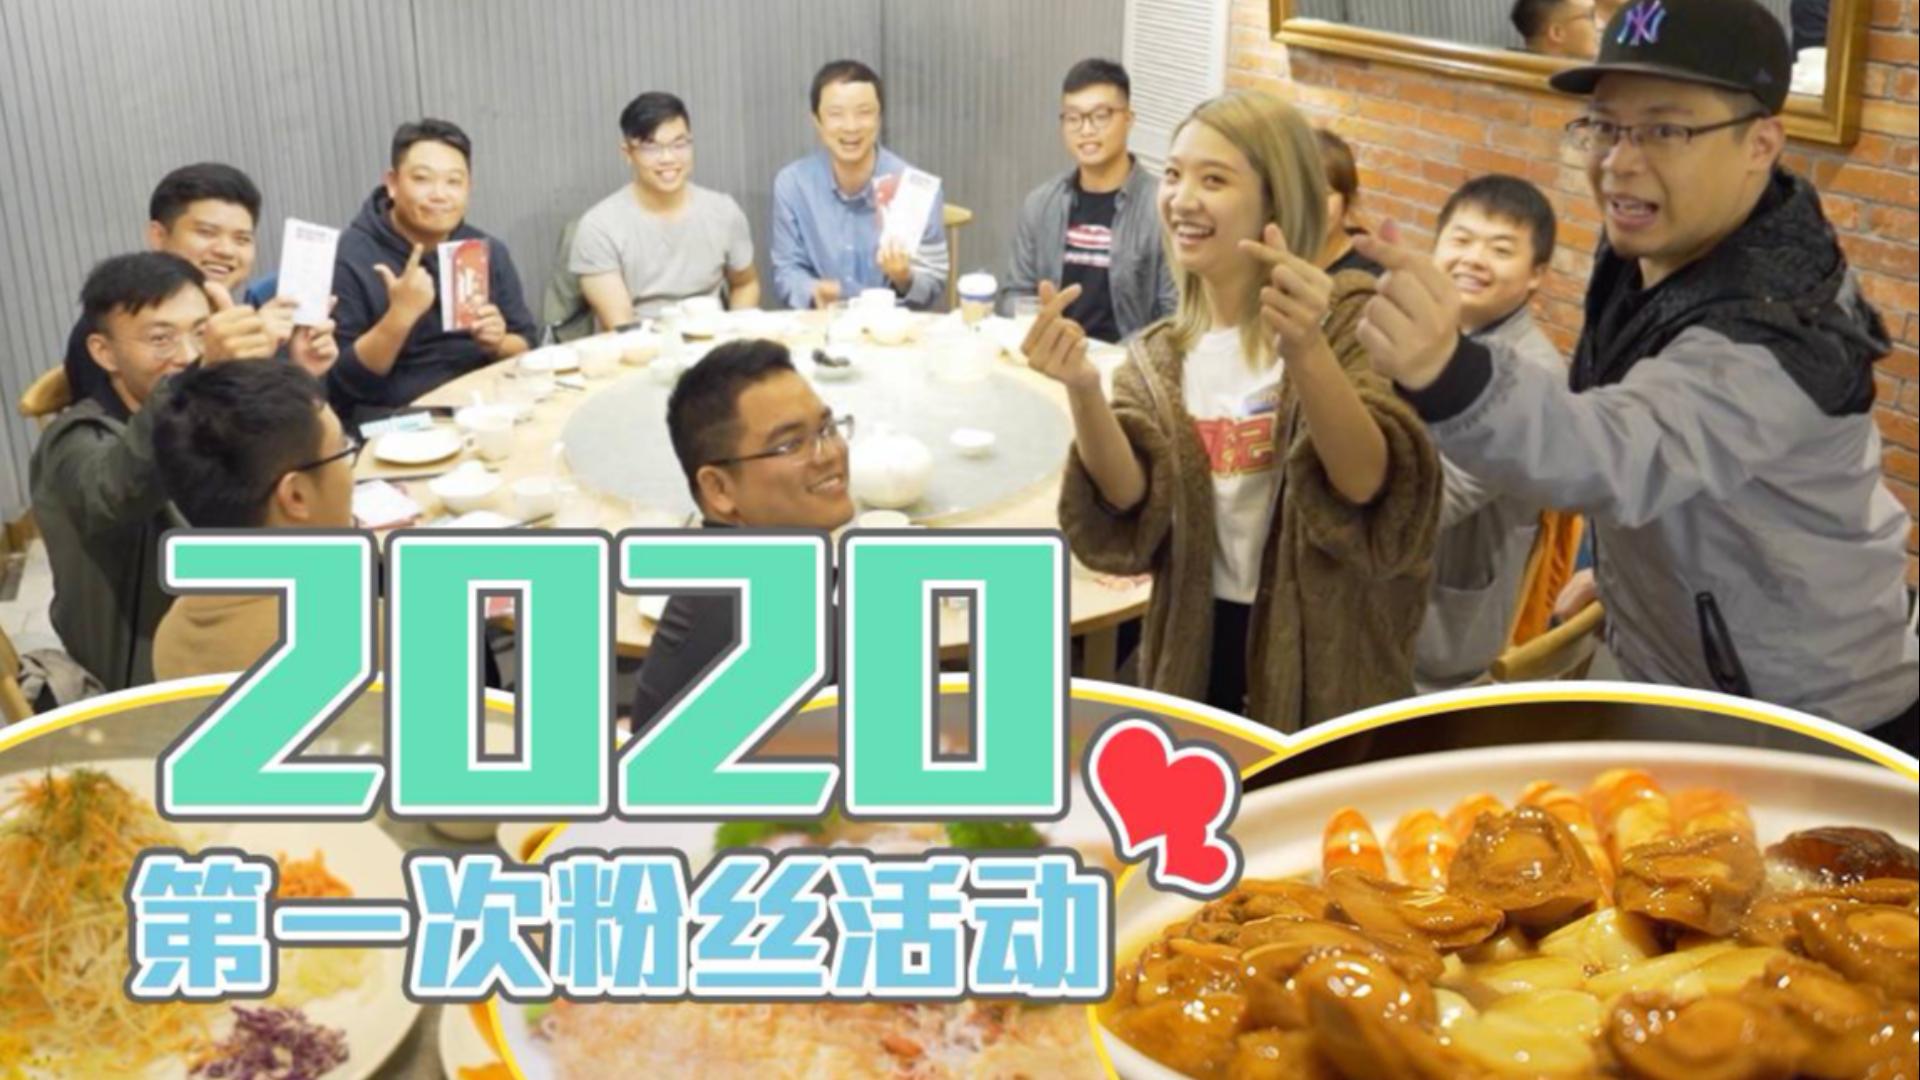 年终对决:观辰vs嘉昇!看看这20个人最后选择了鲍鱼还是米粉?